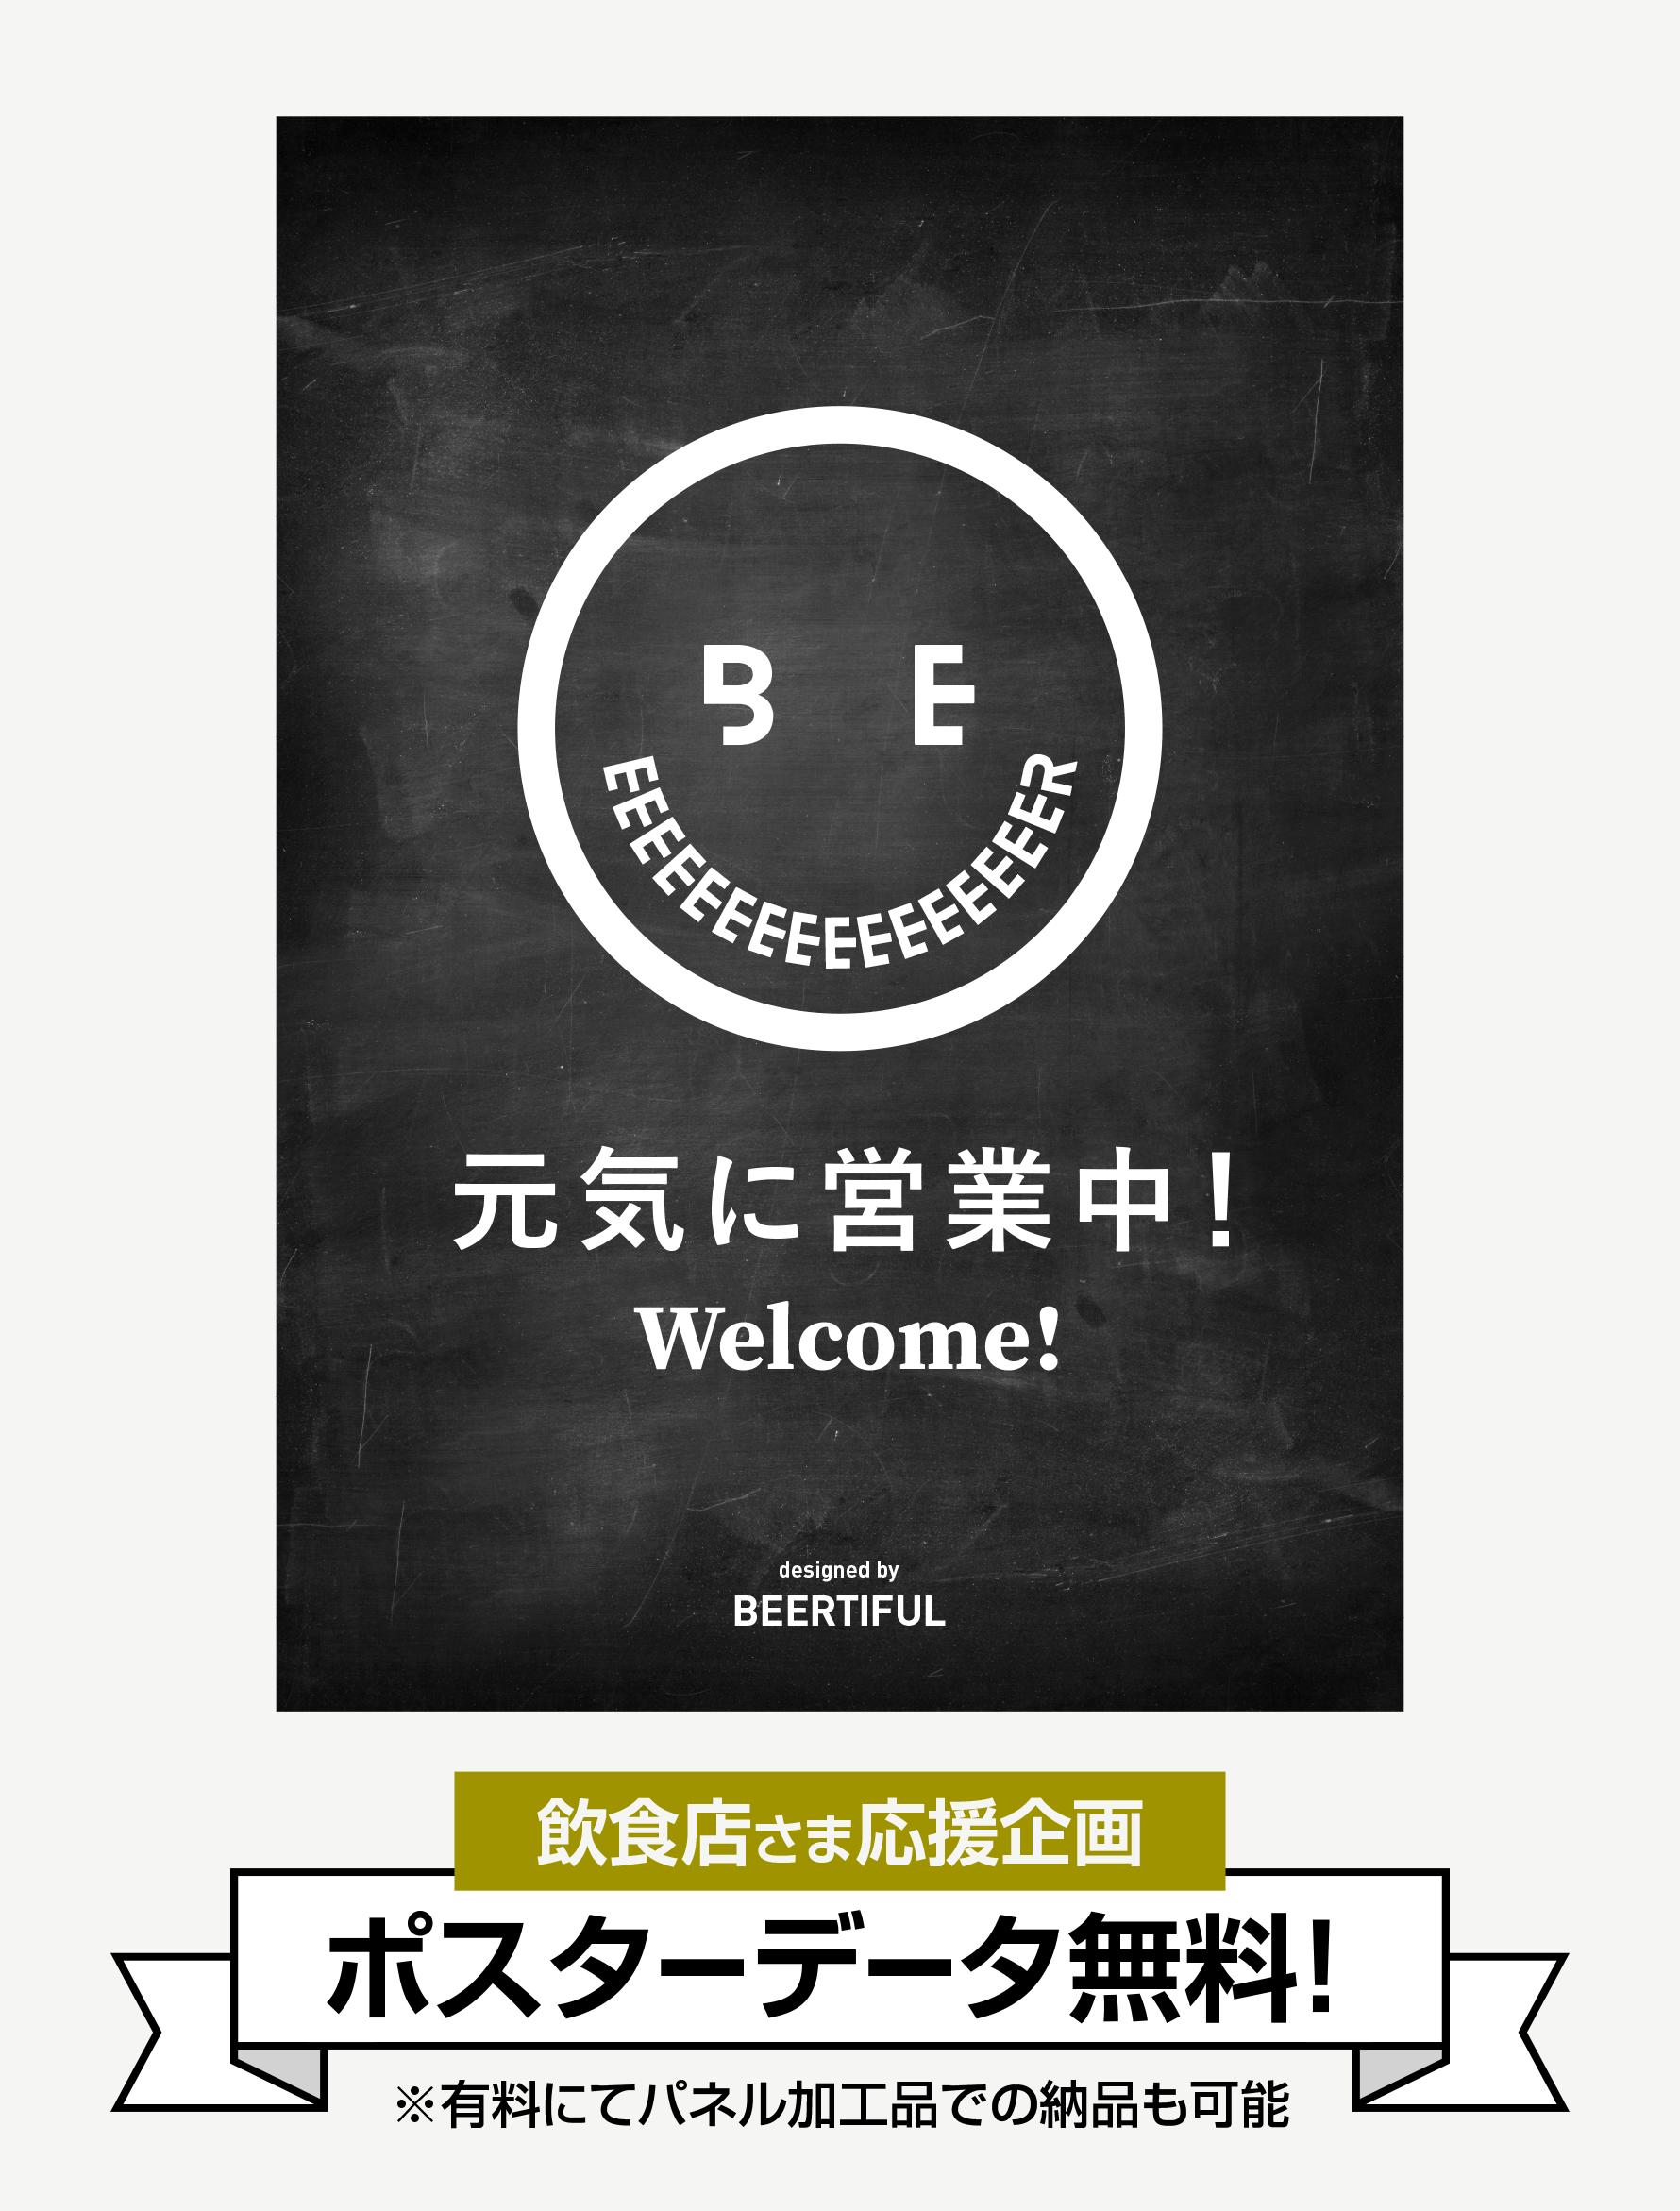 【無料:店頭販促ツール】元気に営業中!ポスター(有料加工プラン別途あり)